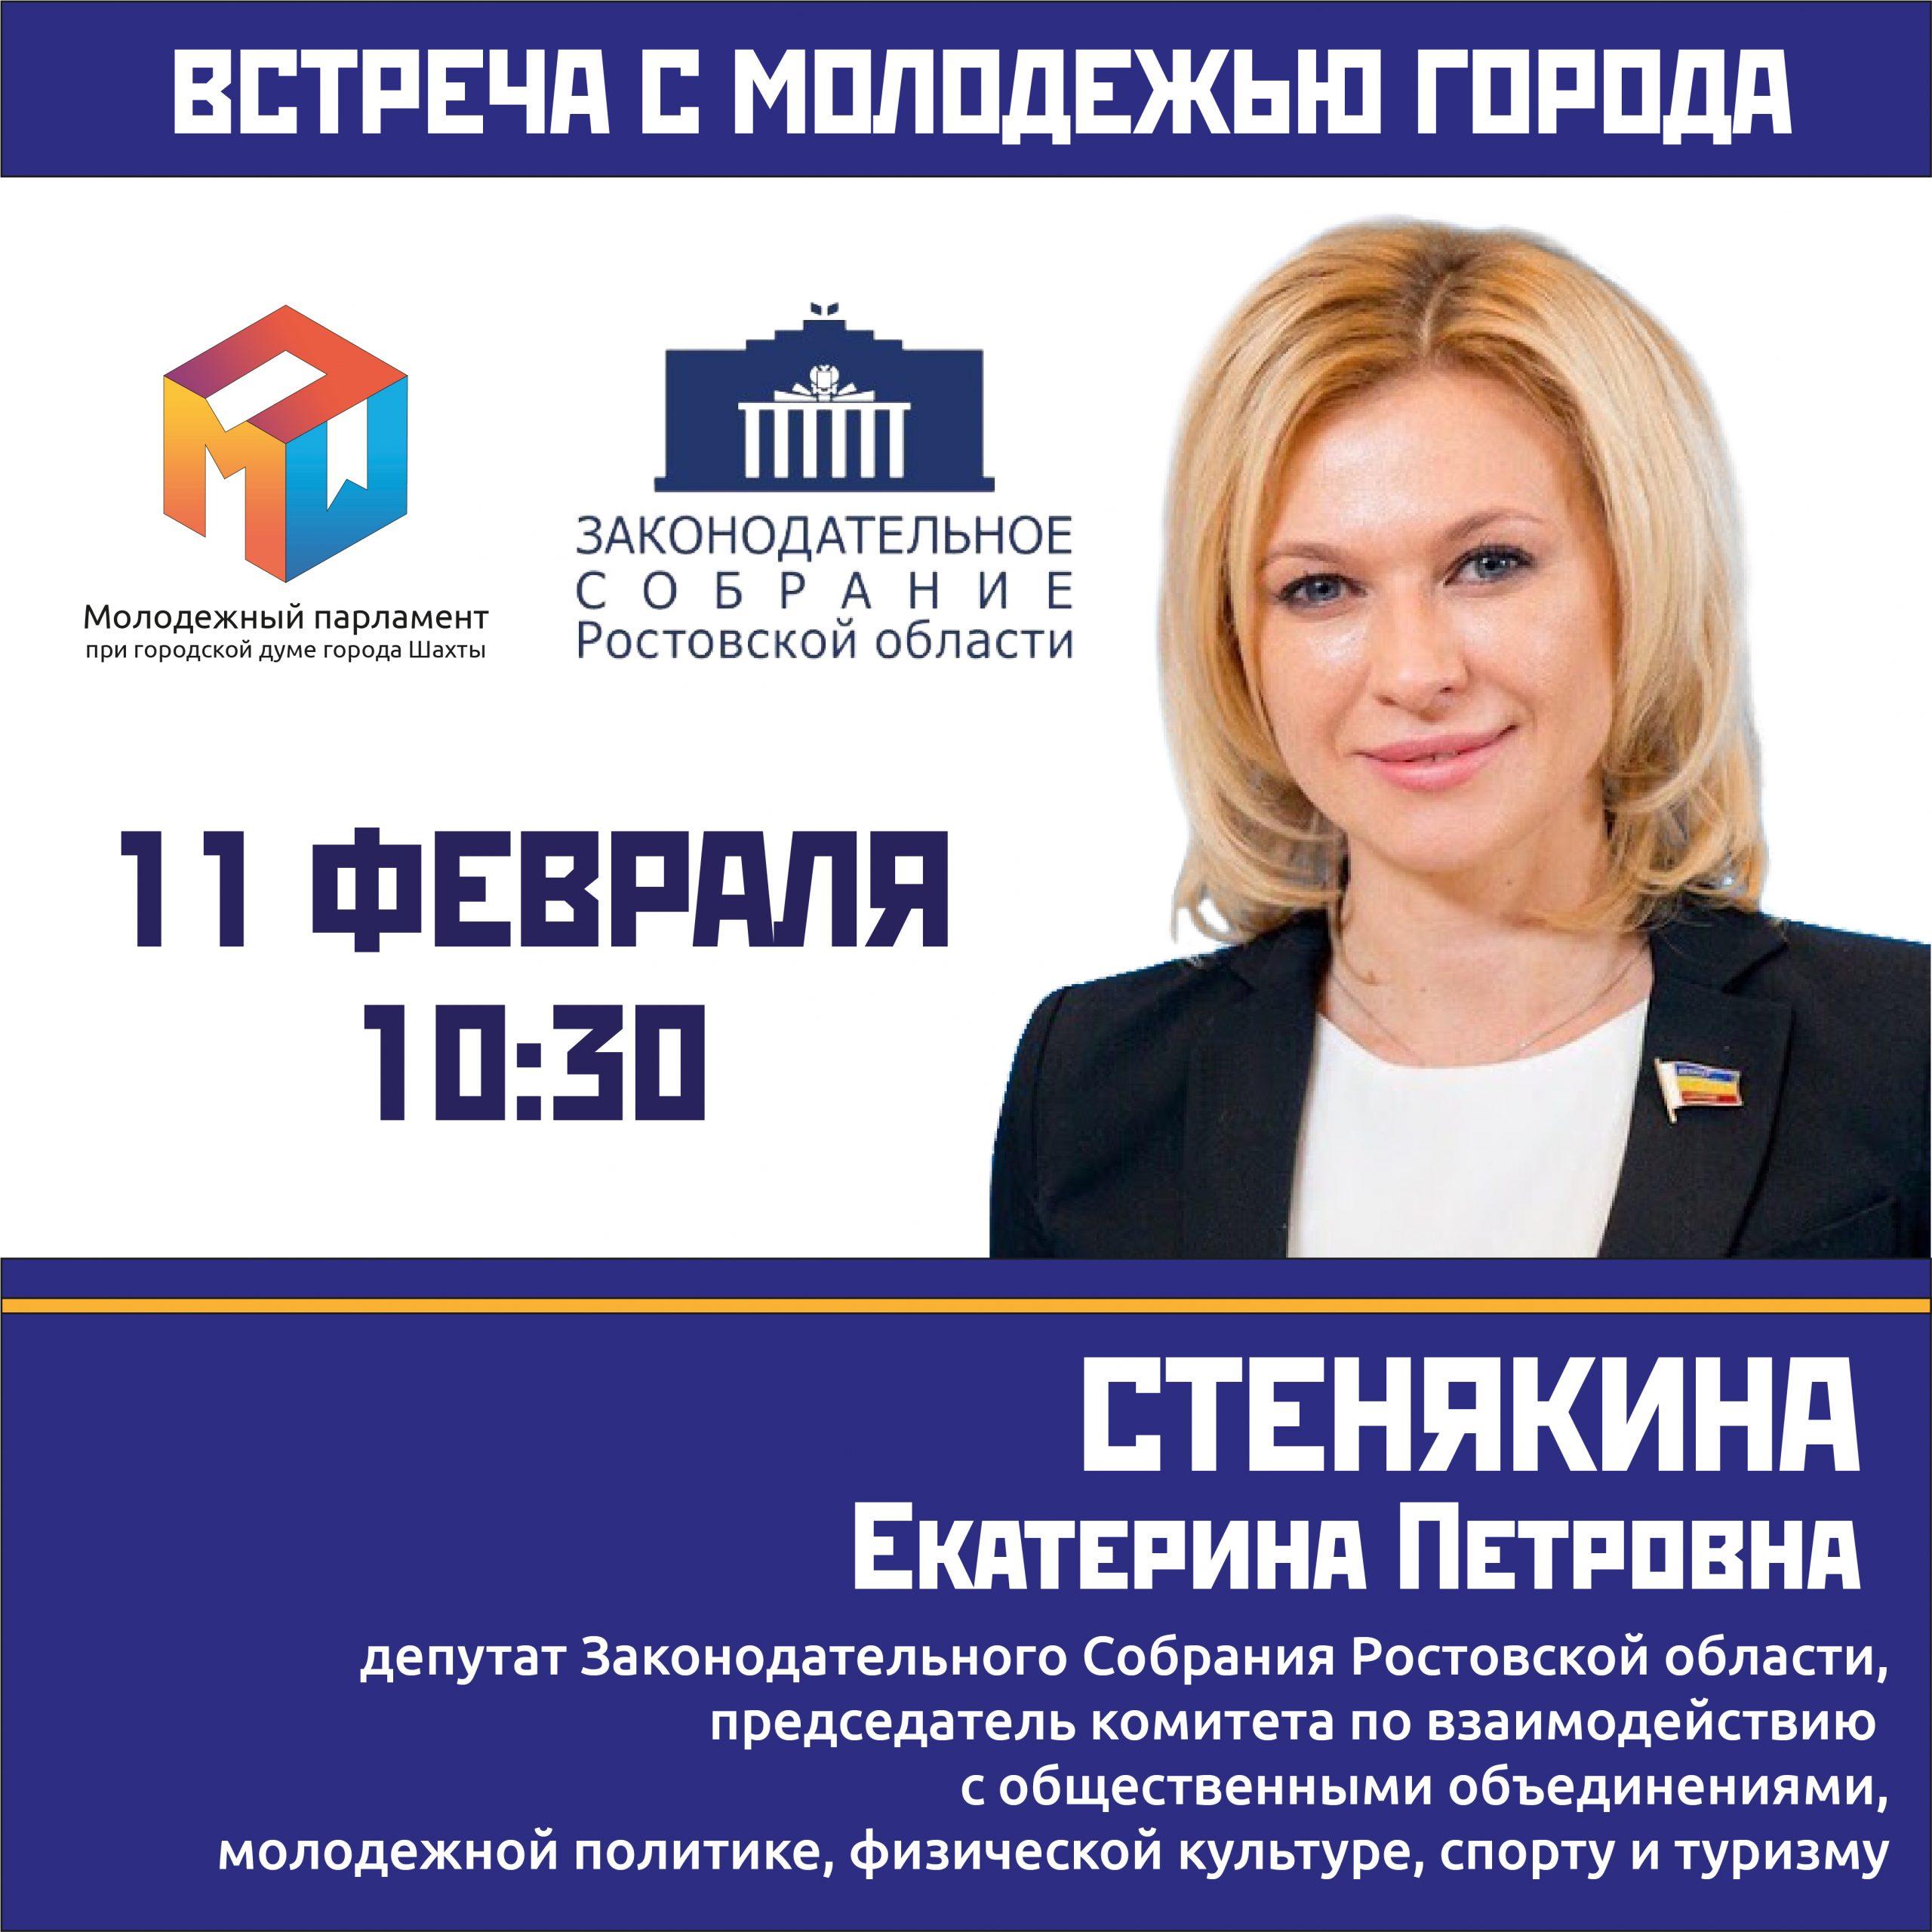 Приглашаем на встречу с депутатом Законодательного Собрания Ростовской области Стенякиной Екатериной Петровной